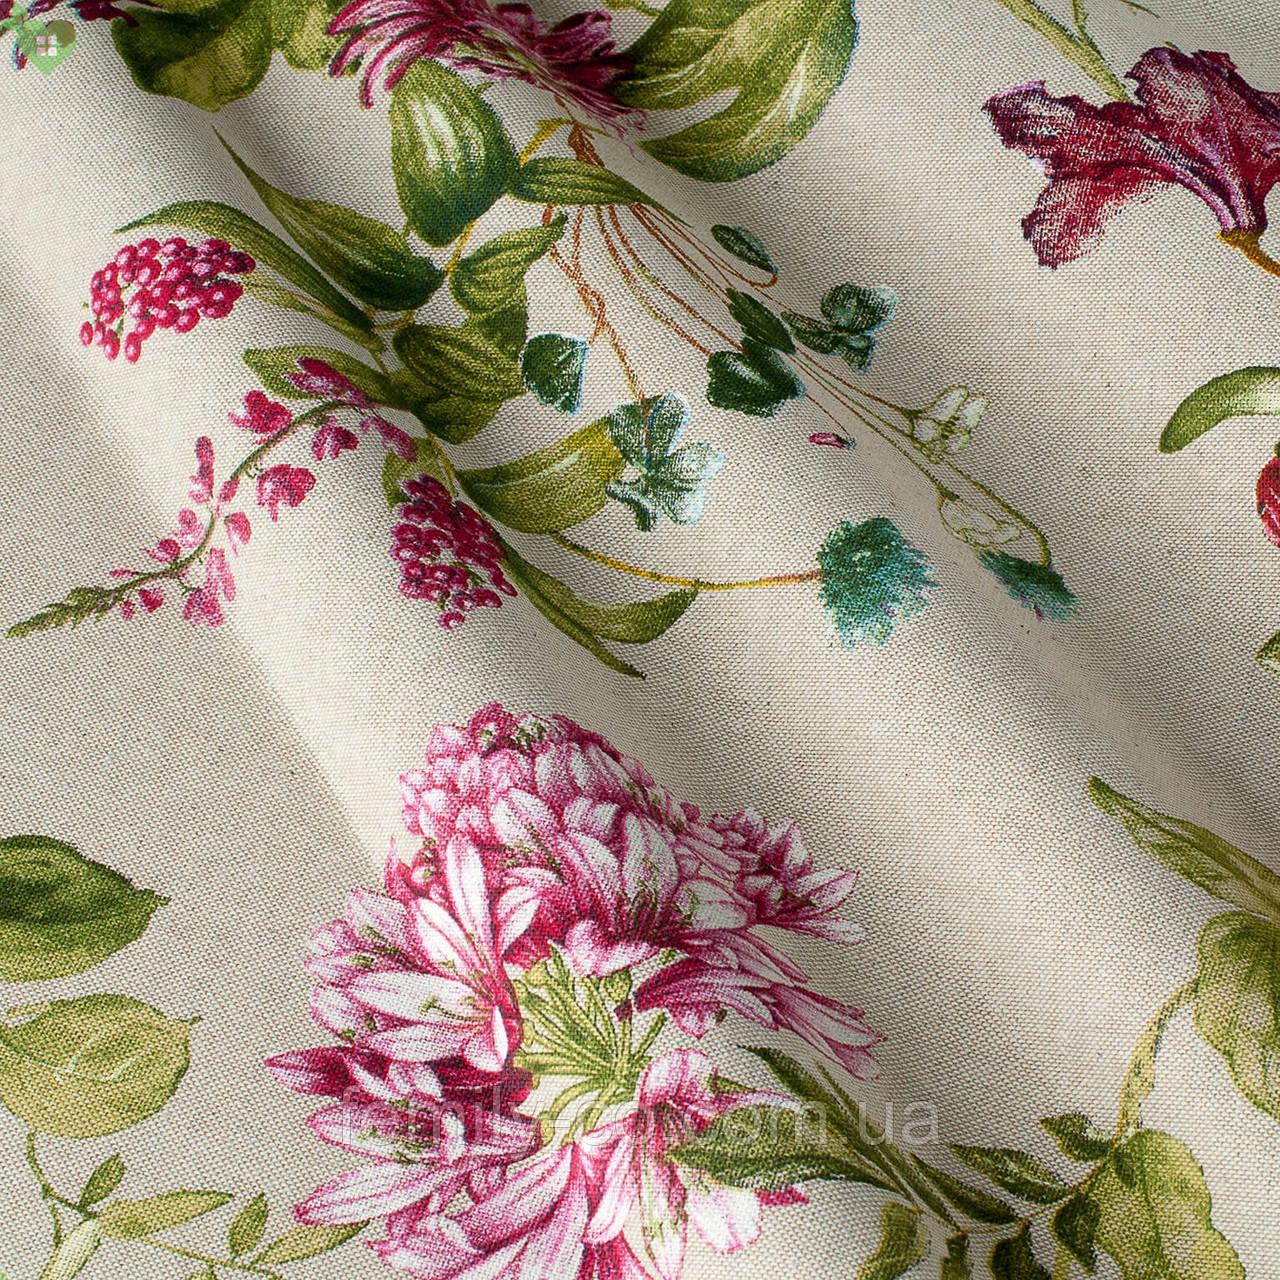 Декоративная ткань с мелкими полевыми цветами розового цвета на льняном фоне Испания 82824v1